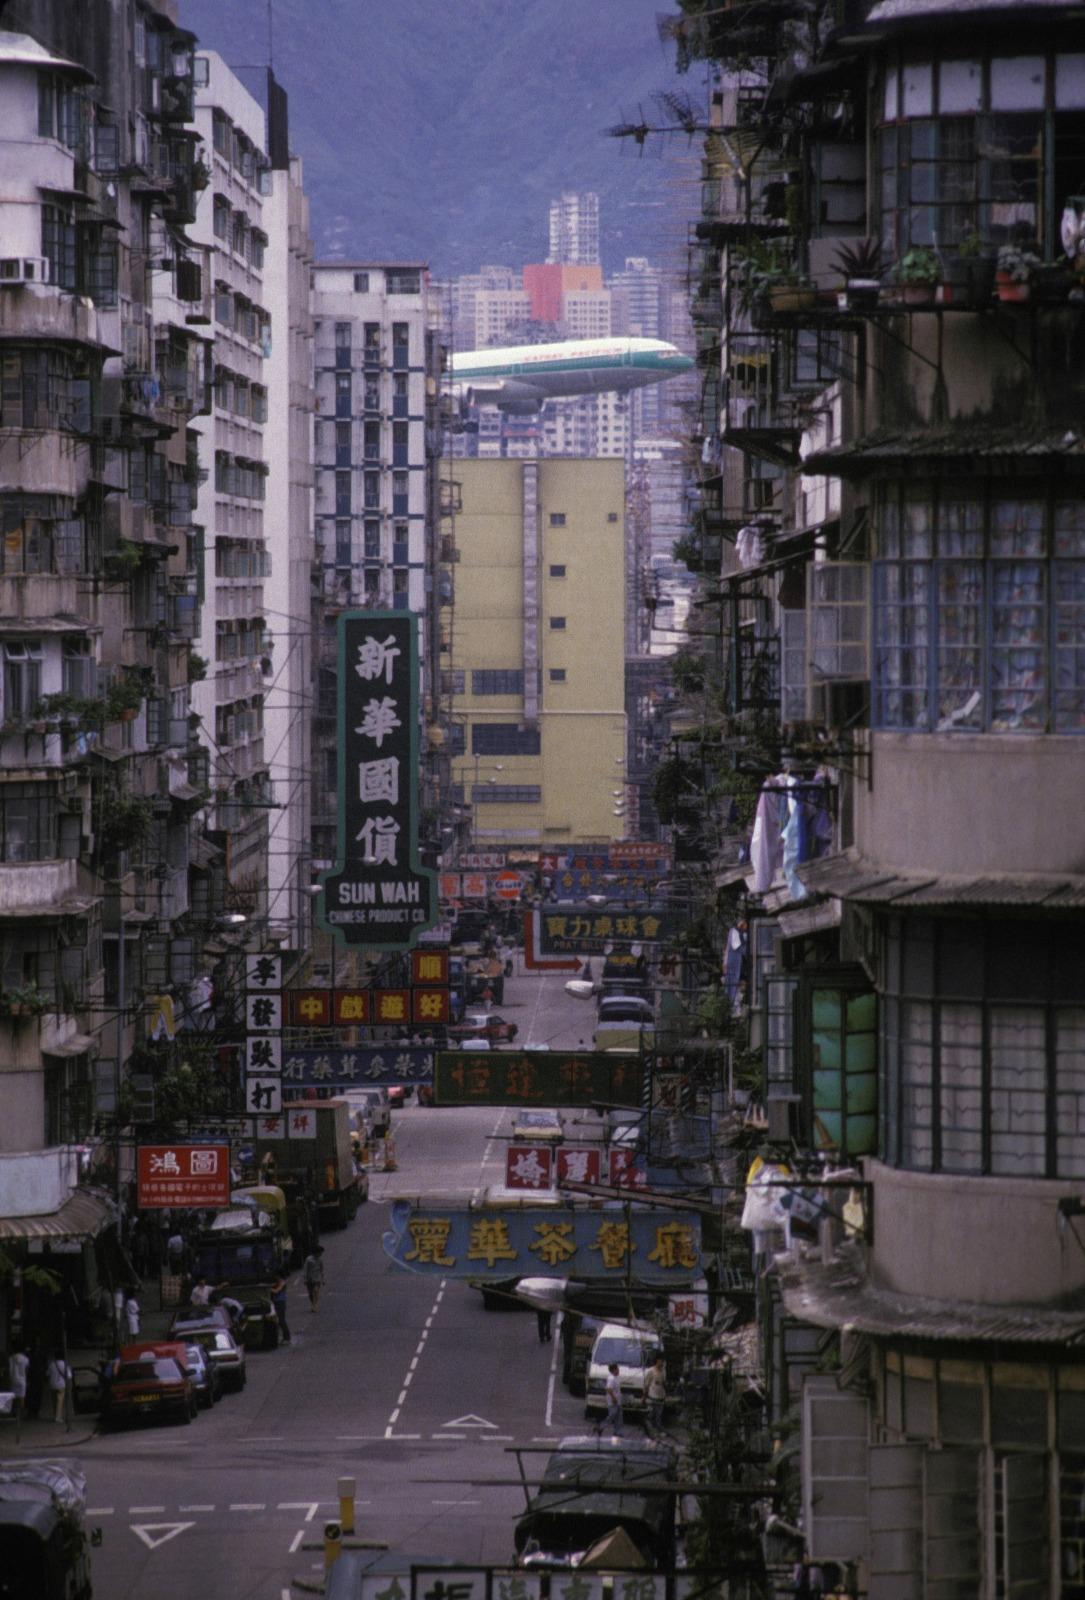 當代中國-飛凡香港-當年今日 香港國際機場取代舊啟德 創造經濟新機遇